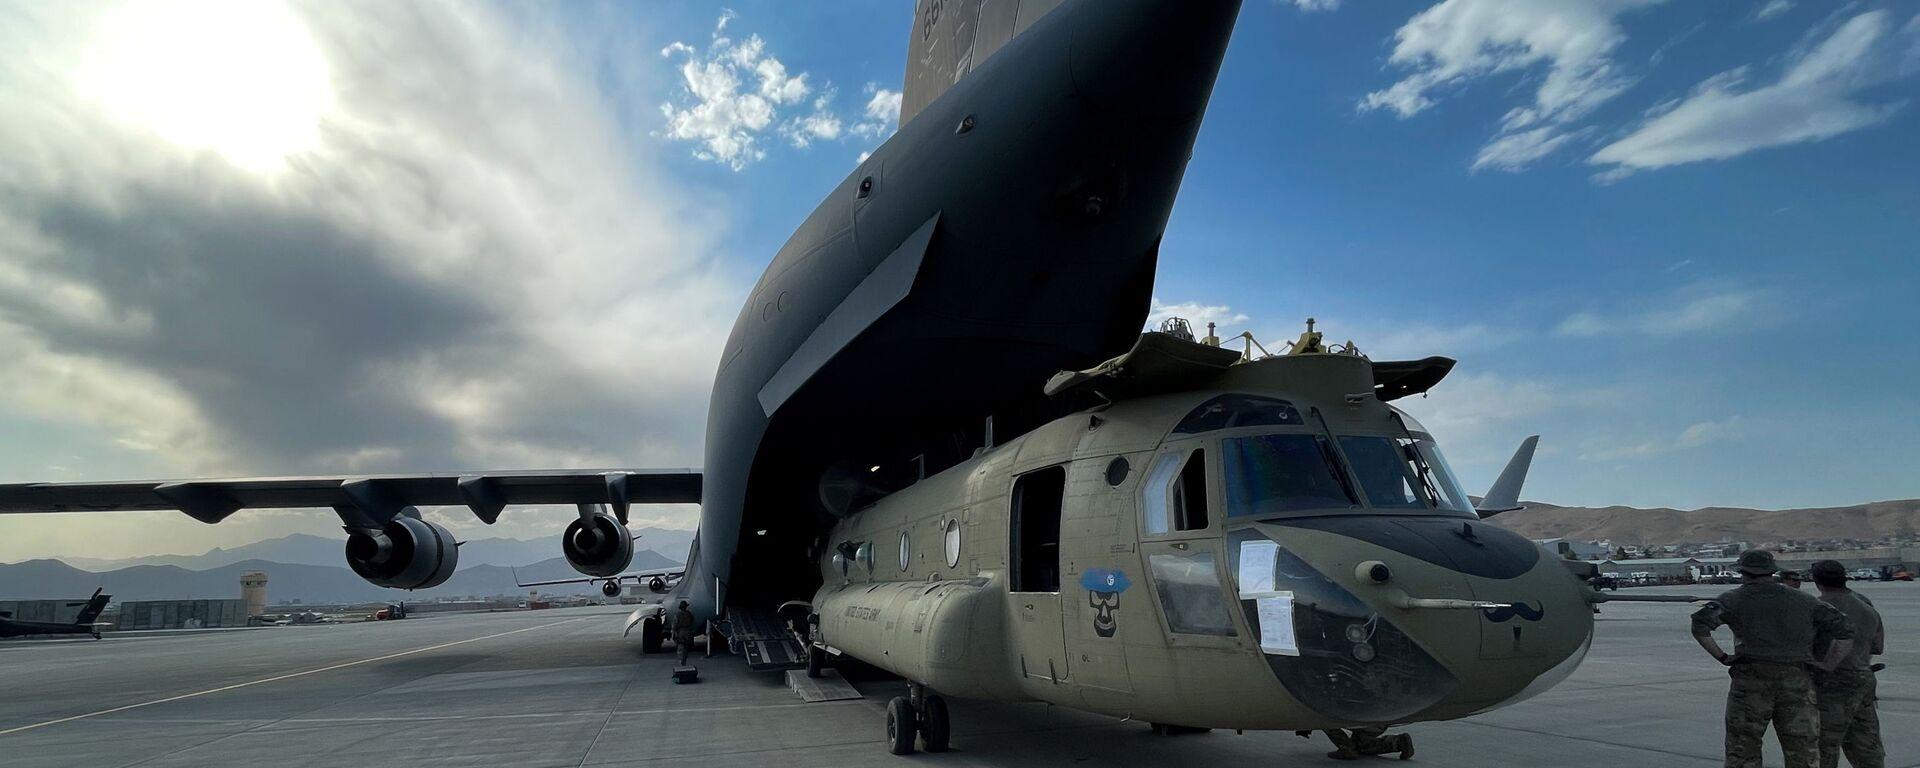 Śmigłowiec CH-47 Chinook w amerykańskim samolocie transportowym C-17 Globemaster III na lotnisku w Kabulu  - Sputnik Polska, 1920, 31.08.2021